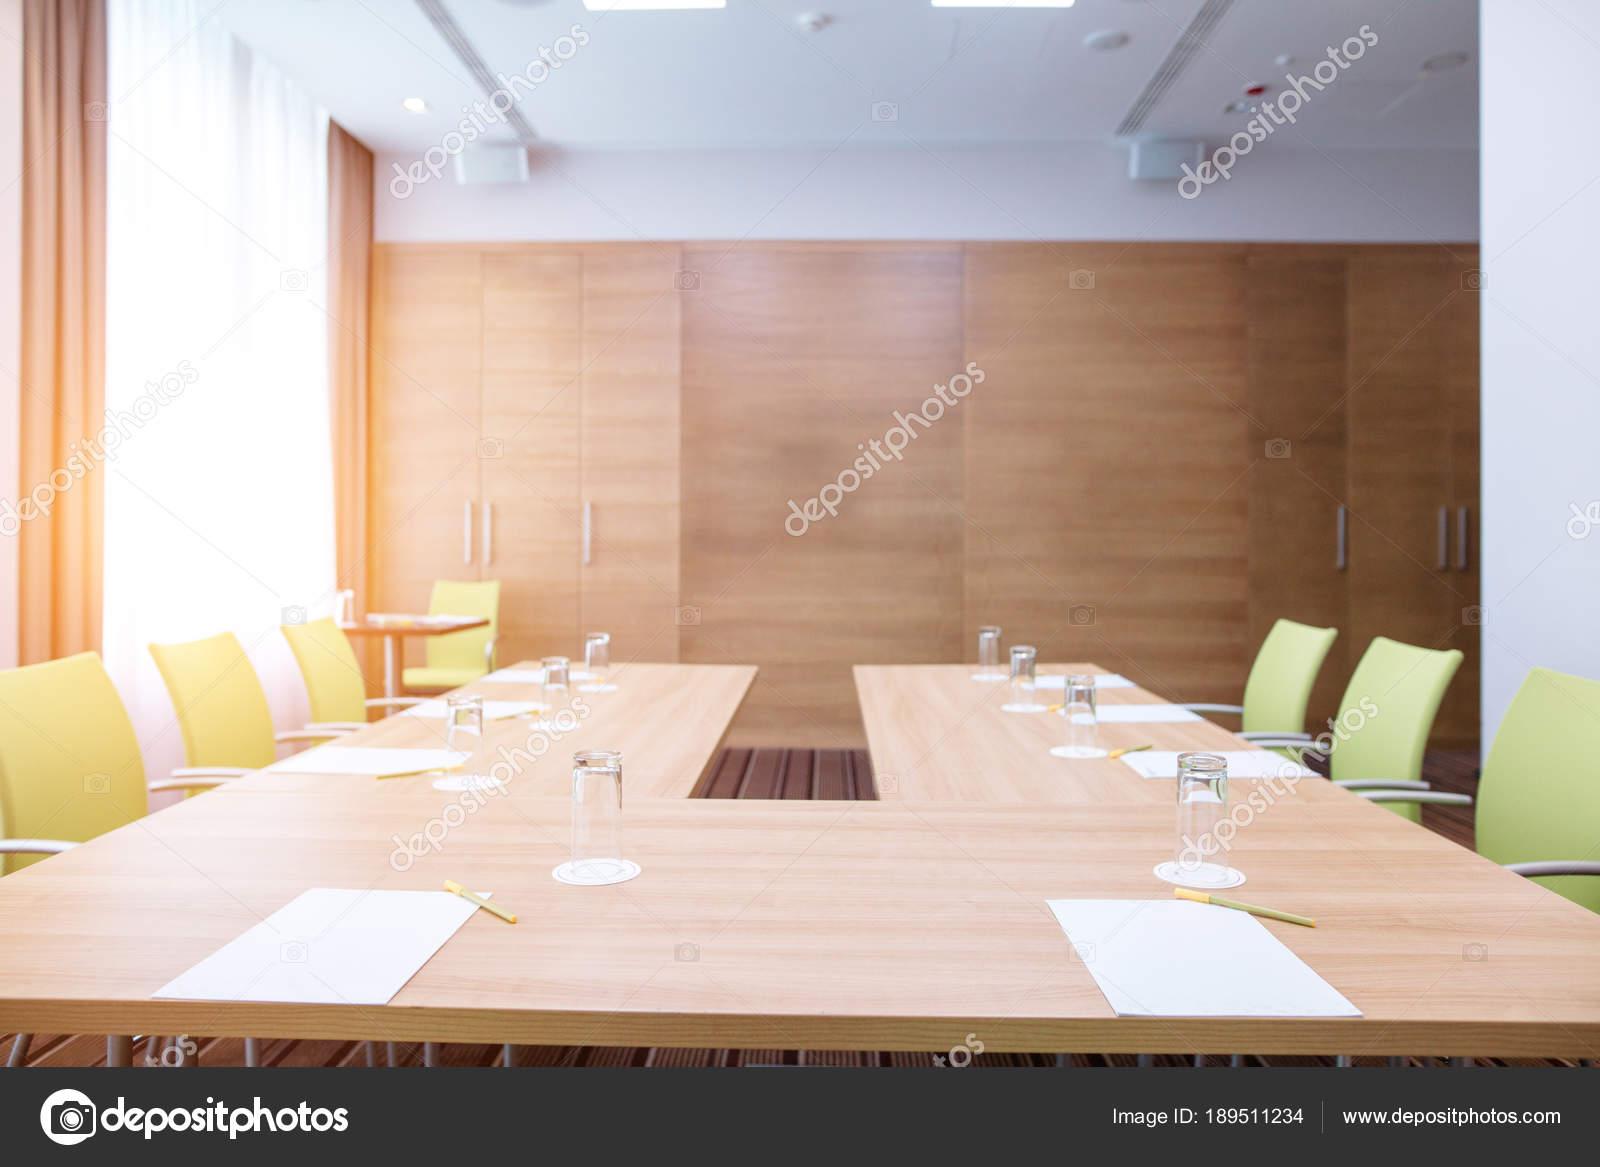 fotos von innenräumen des büroraums abstrakter weißer büroraum mit hufeisen braun holztisch und coy grüne stühle stockfoto